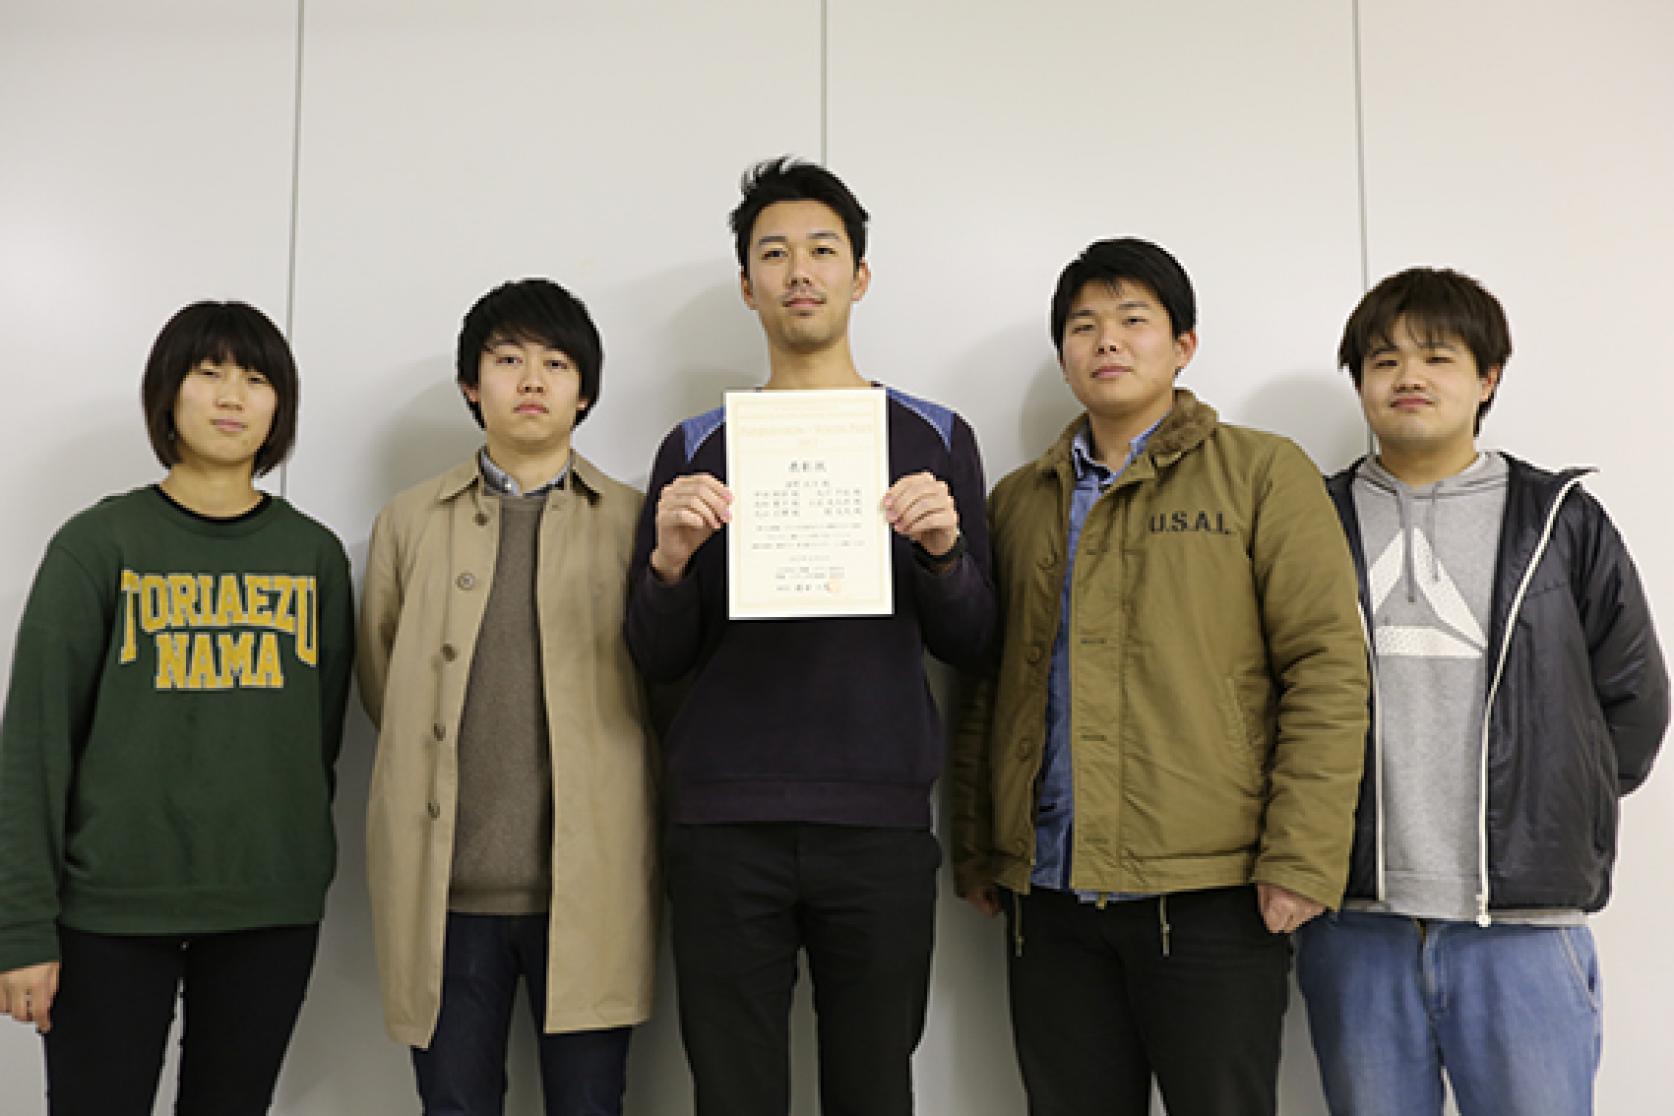 土木工学科関文夫教授と研究室の学生 高松さん、濱野さん、中田さん、大川さん、小出さん、元山さんが「第13回景観・デザイン研究発表会」において、優秀講演賞ならびに優秀ポスター賞を受賞しました。